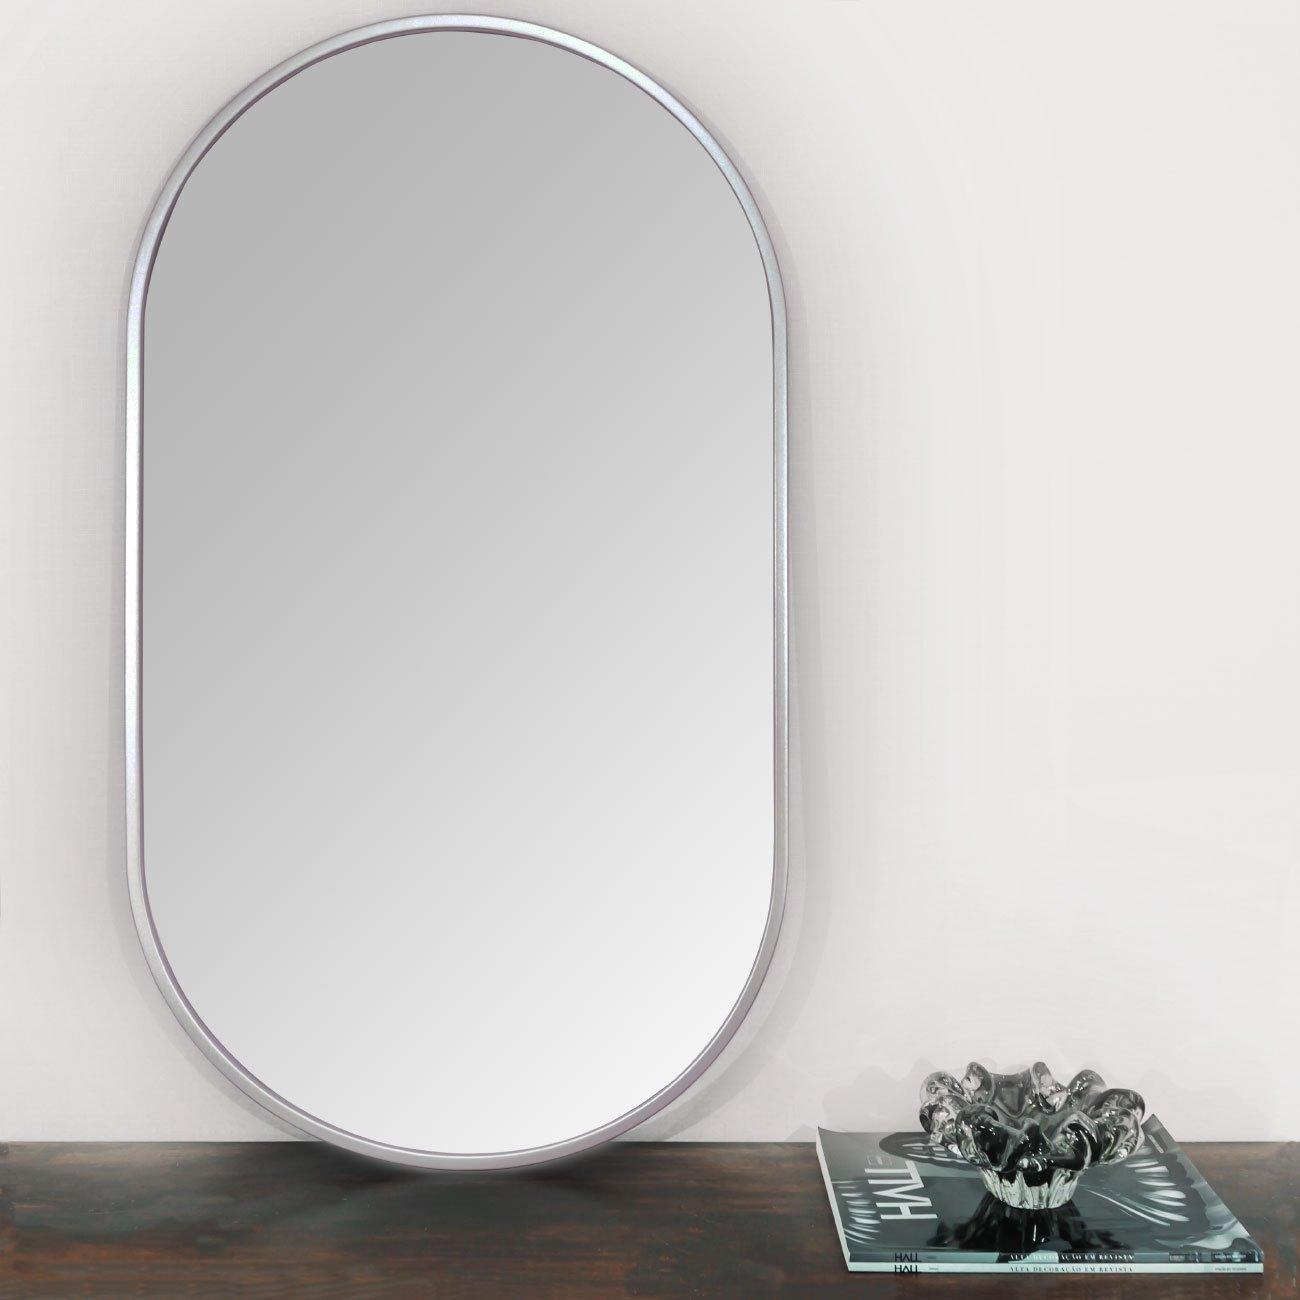 Espelho retangular prata sobre aparador.